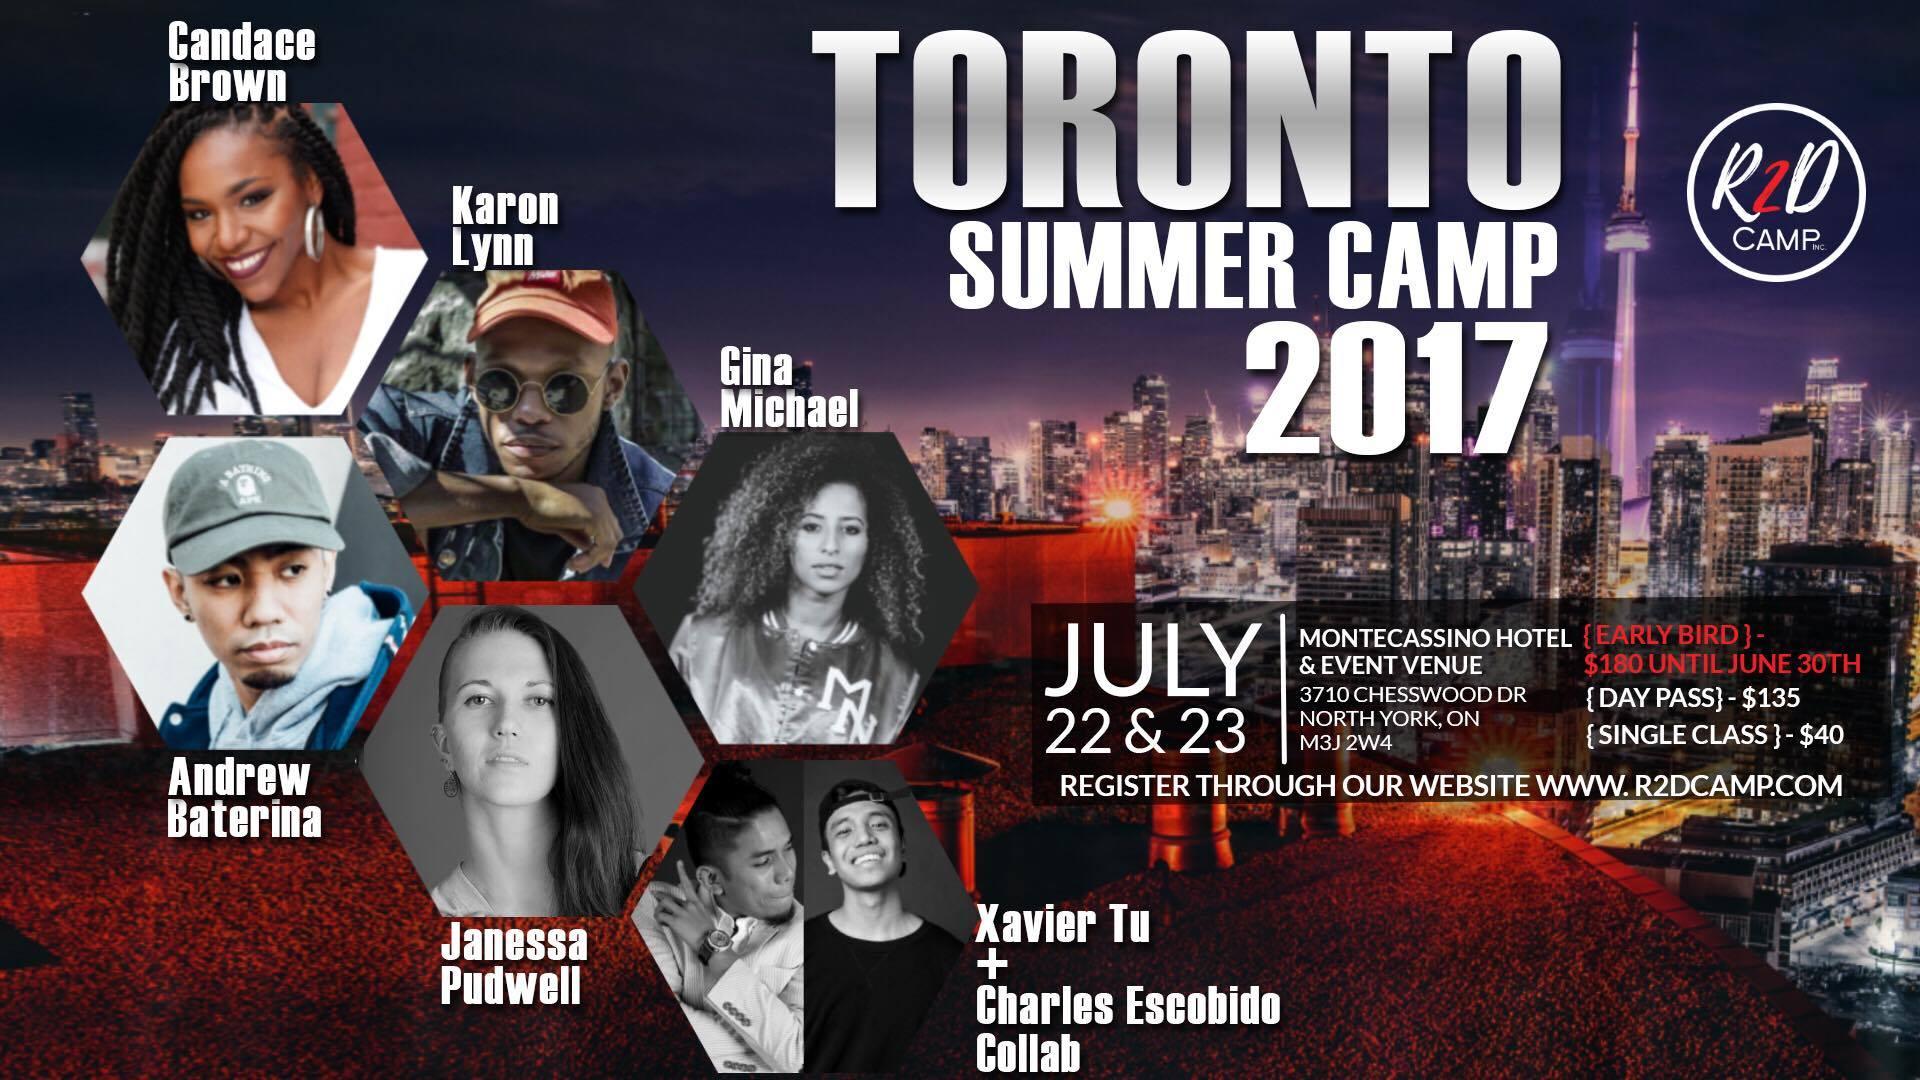 R2D Summer Camp Toronto 2017 1920x1080